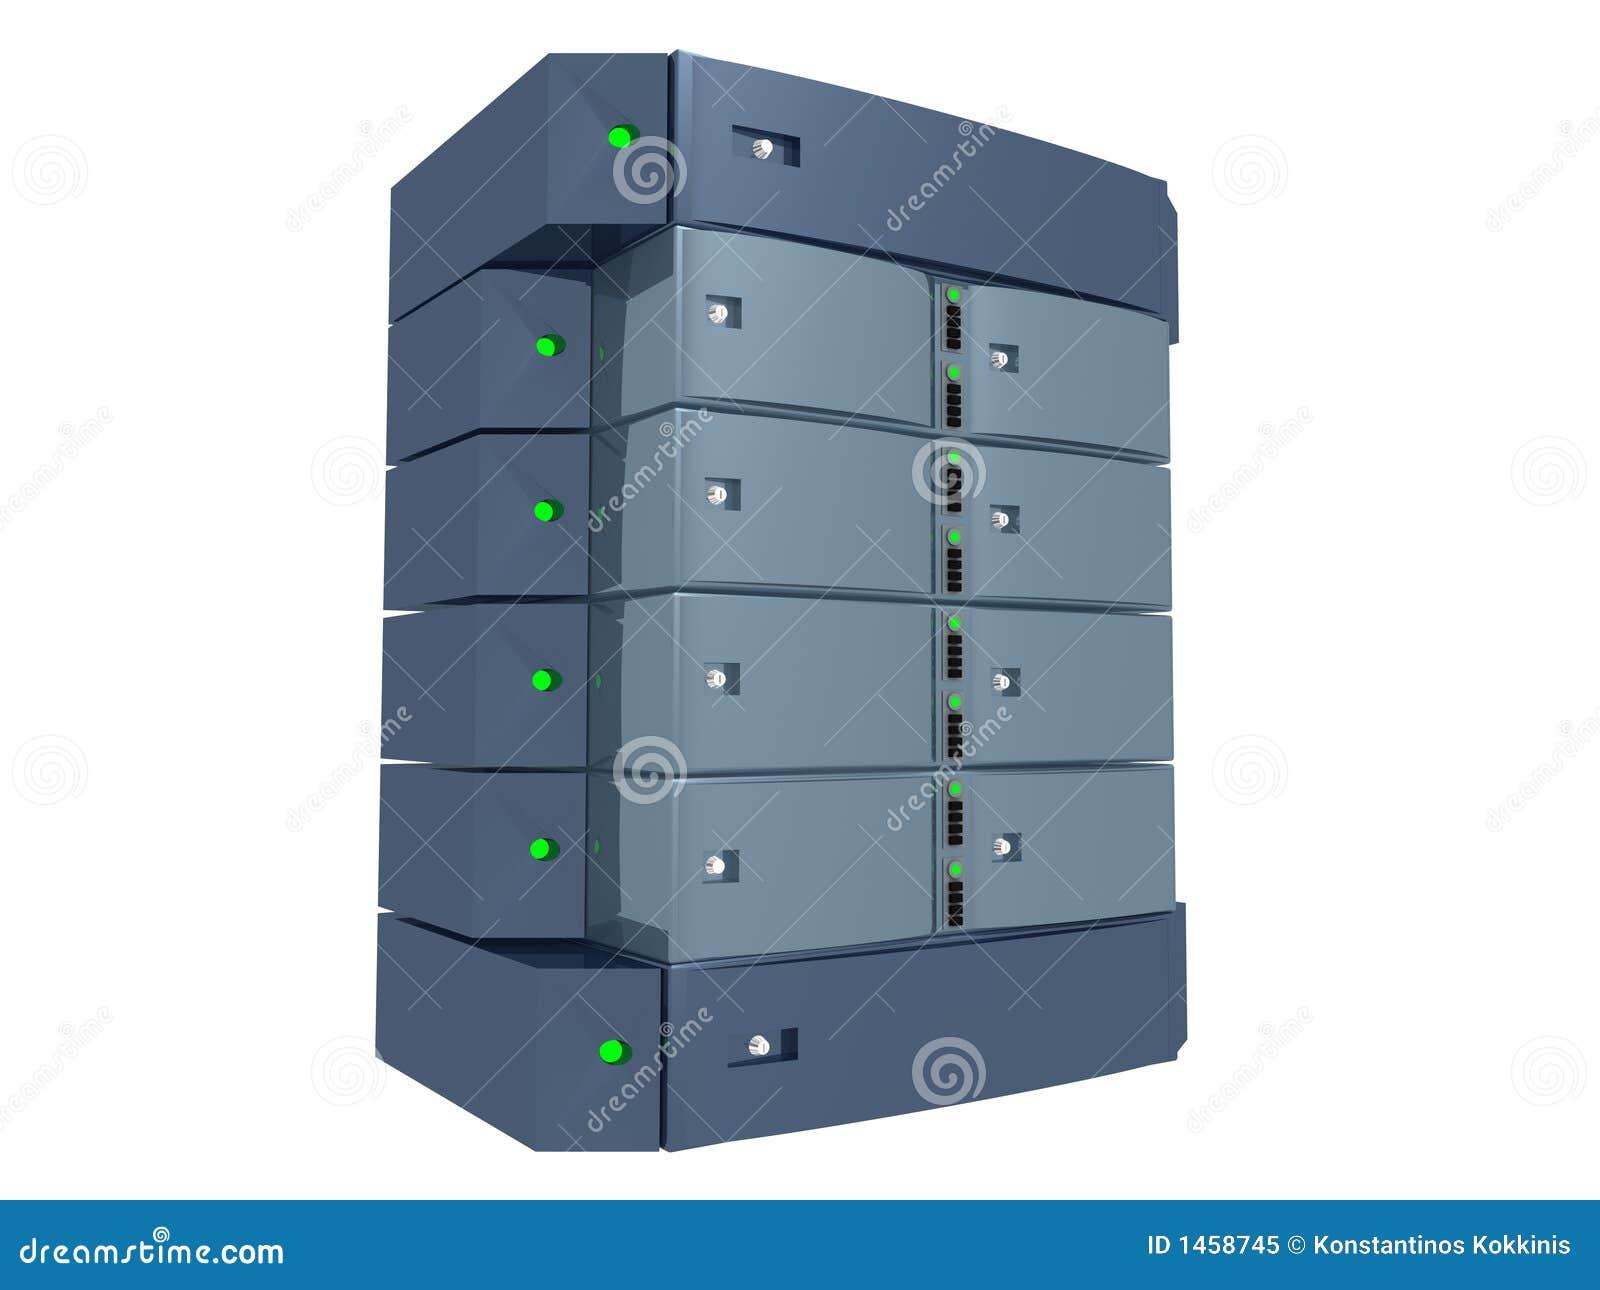 Dual Server - Light Blue